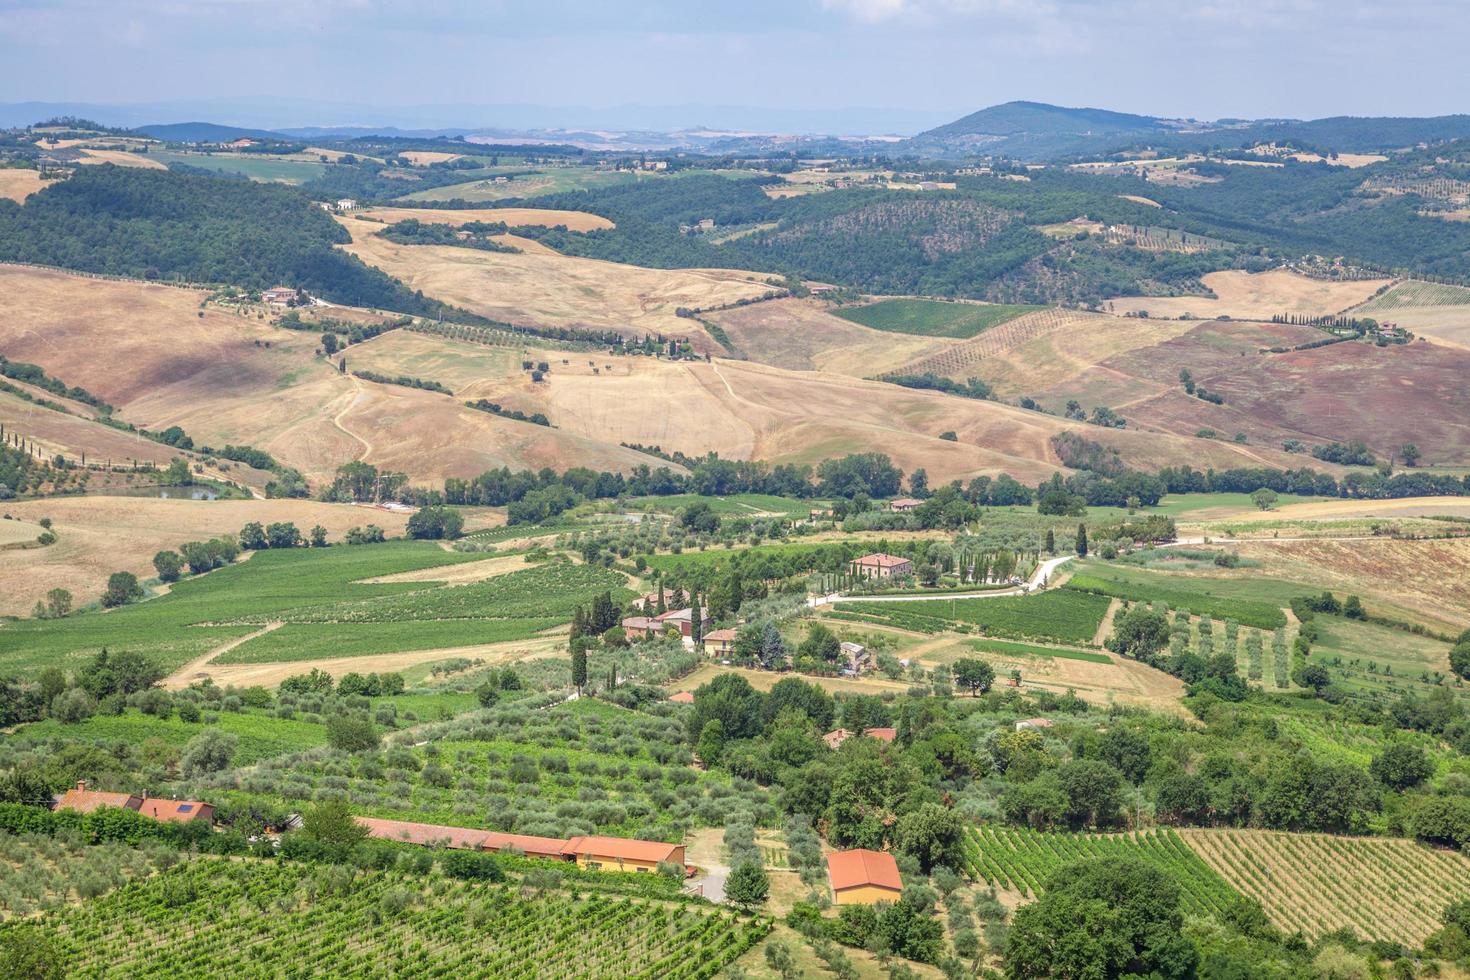 Toscane, Italie, 2020 - vue aérienne d'une campagne pendant la journée photo